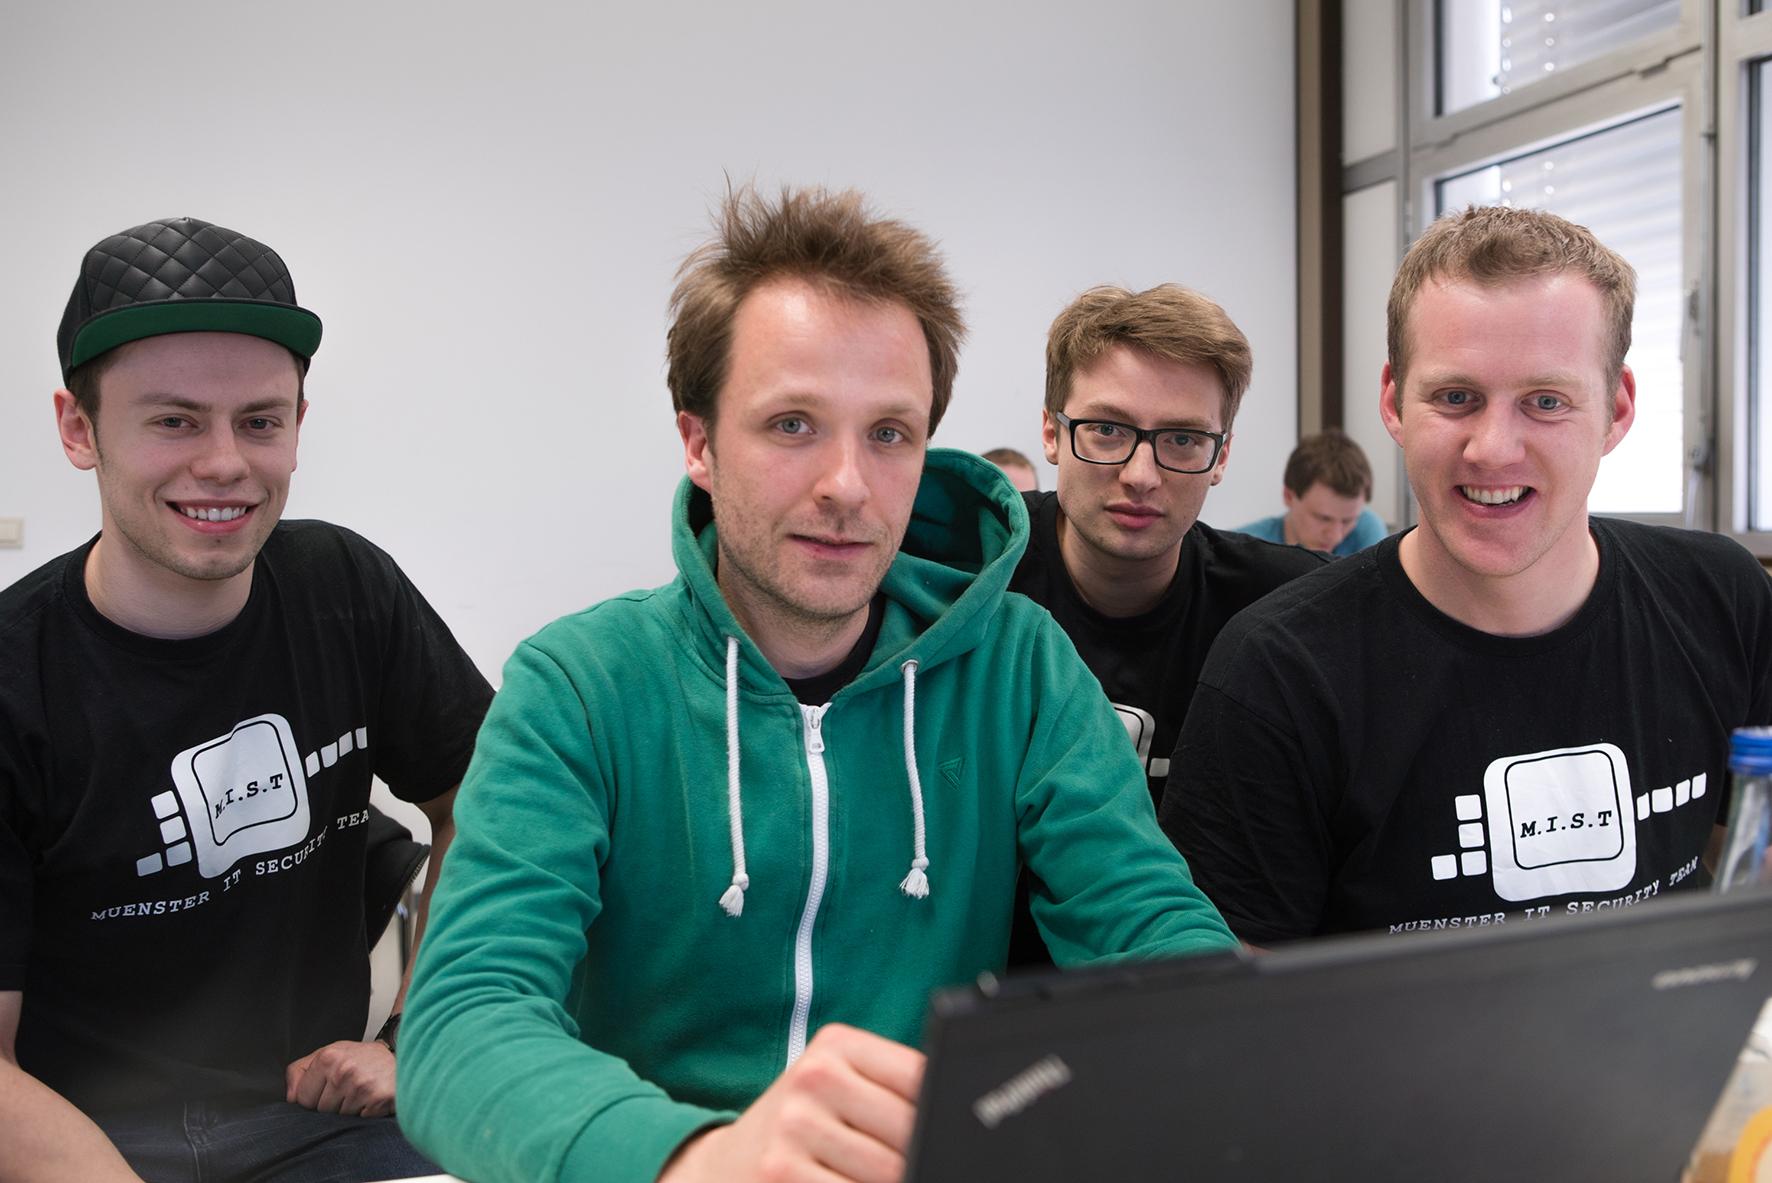 Оновой уязвимости Себастьян Шинцель (в центре) рассказал всвоём блоге в<i>Twitter</i>.